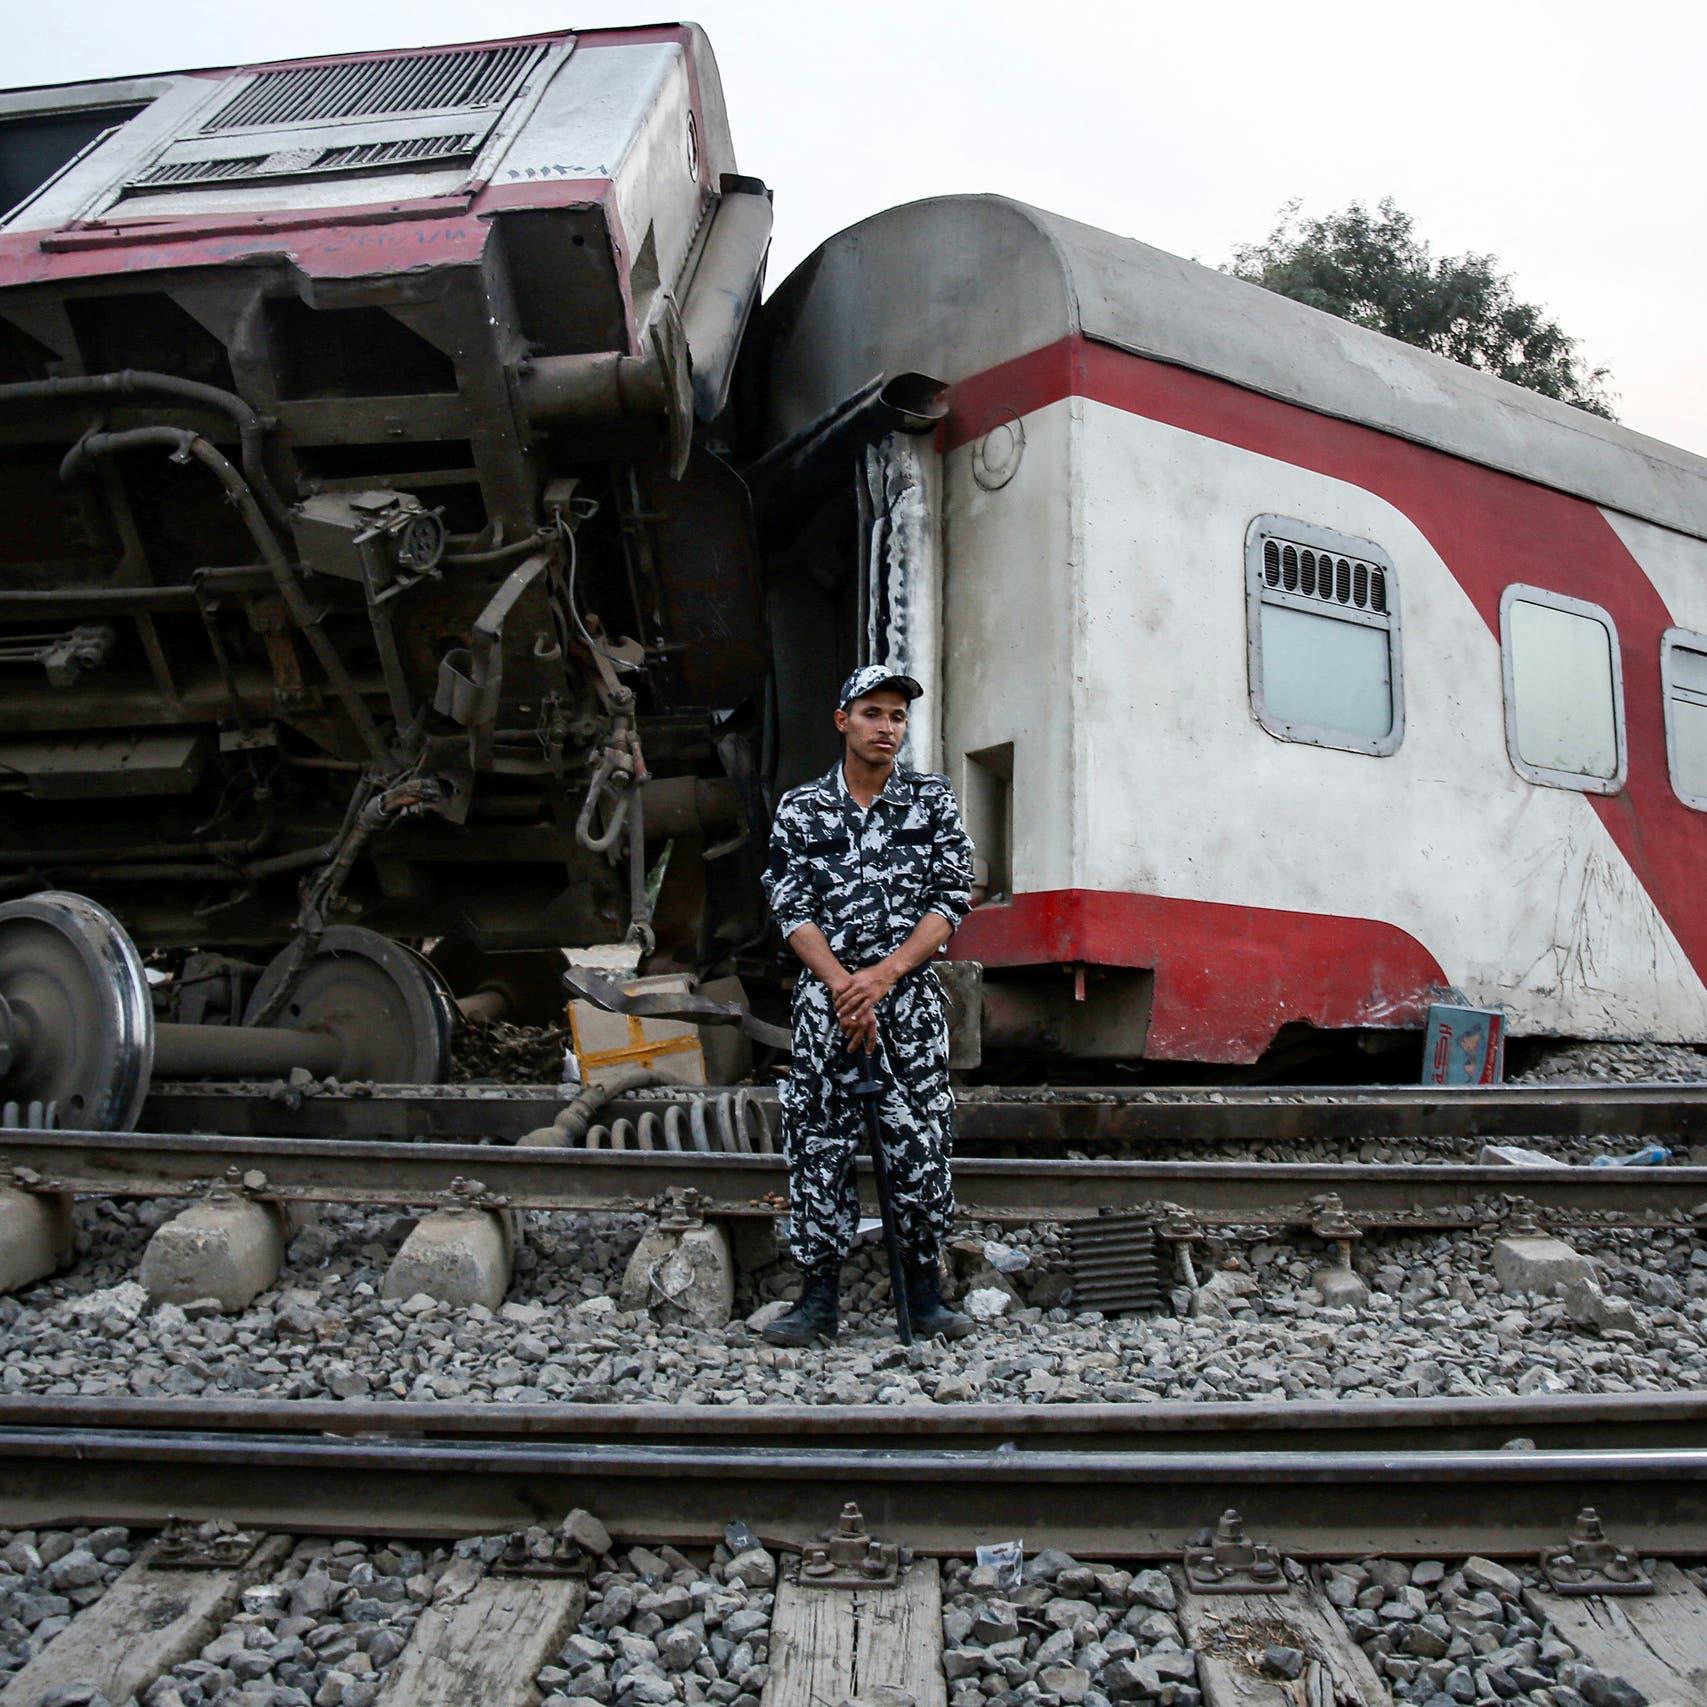 الواقعة تتكرر والوزارة تناشد.. سائق قطار مصري يمنع كارثة جديدة